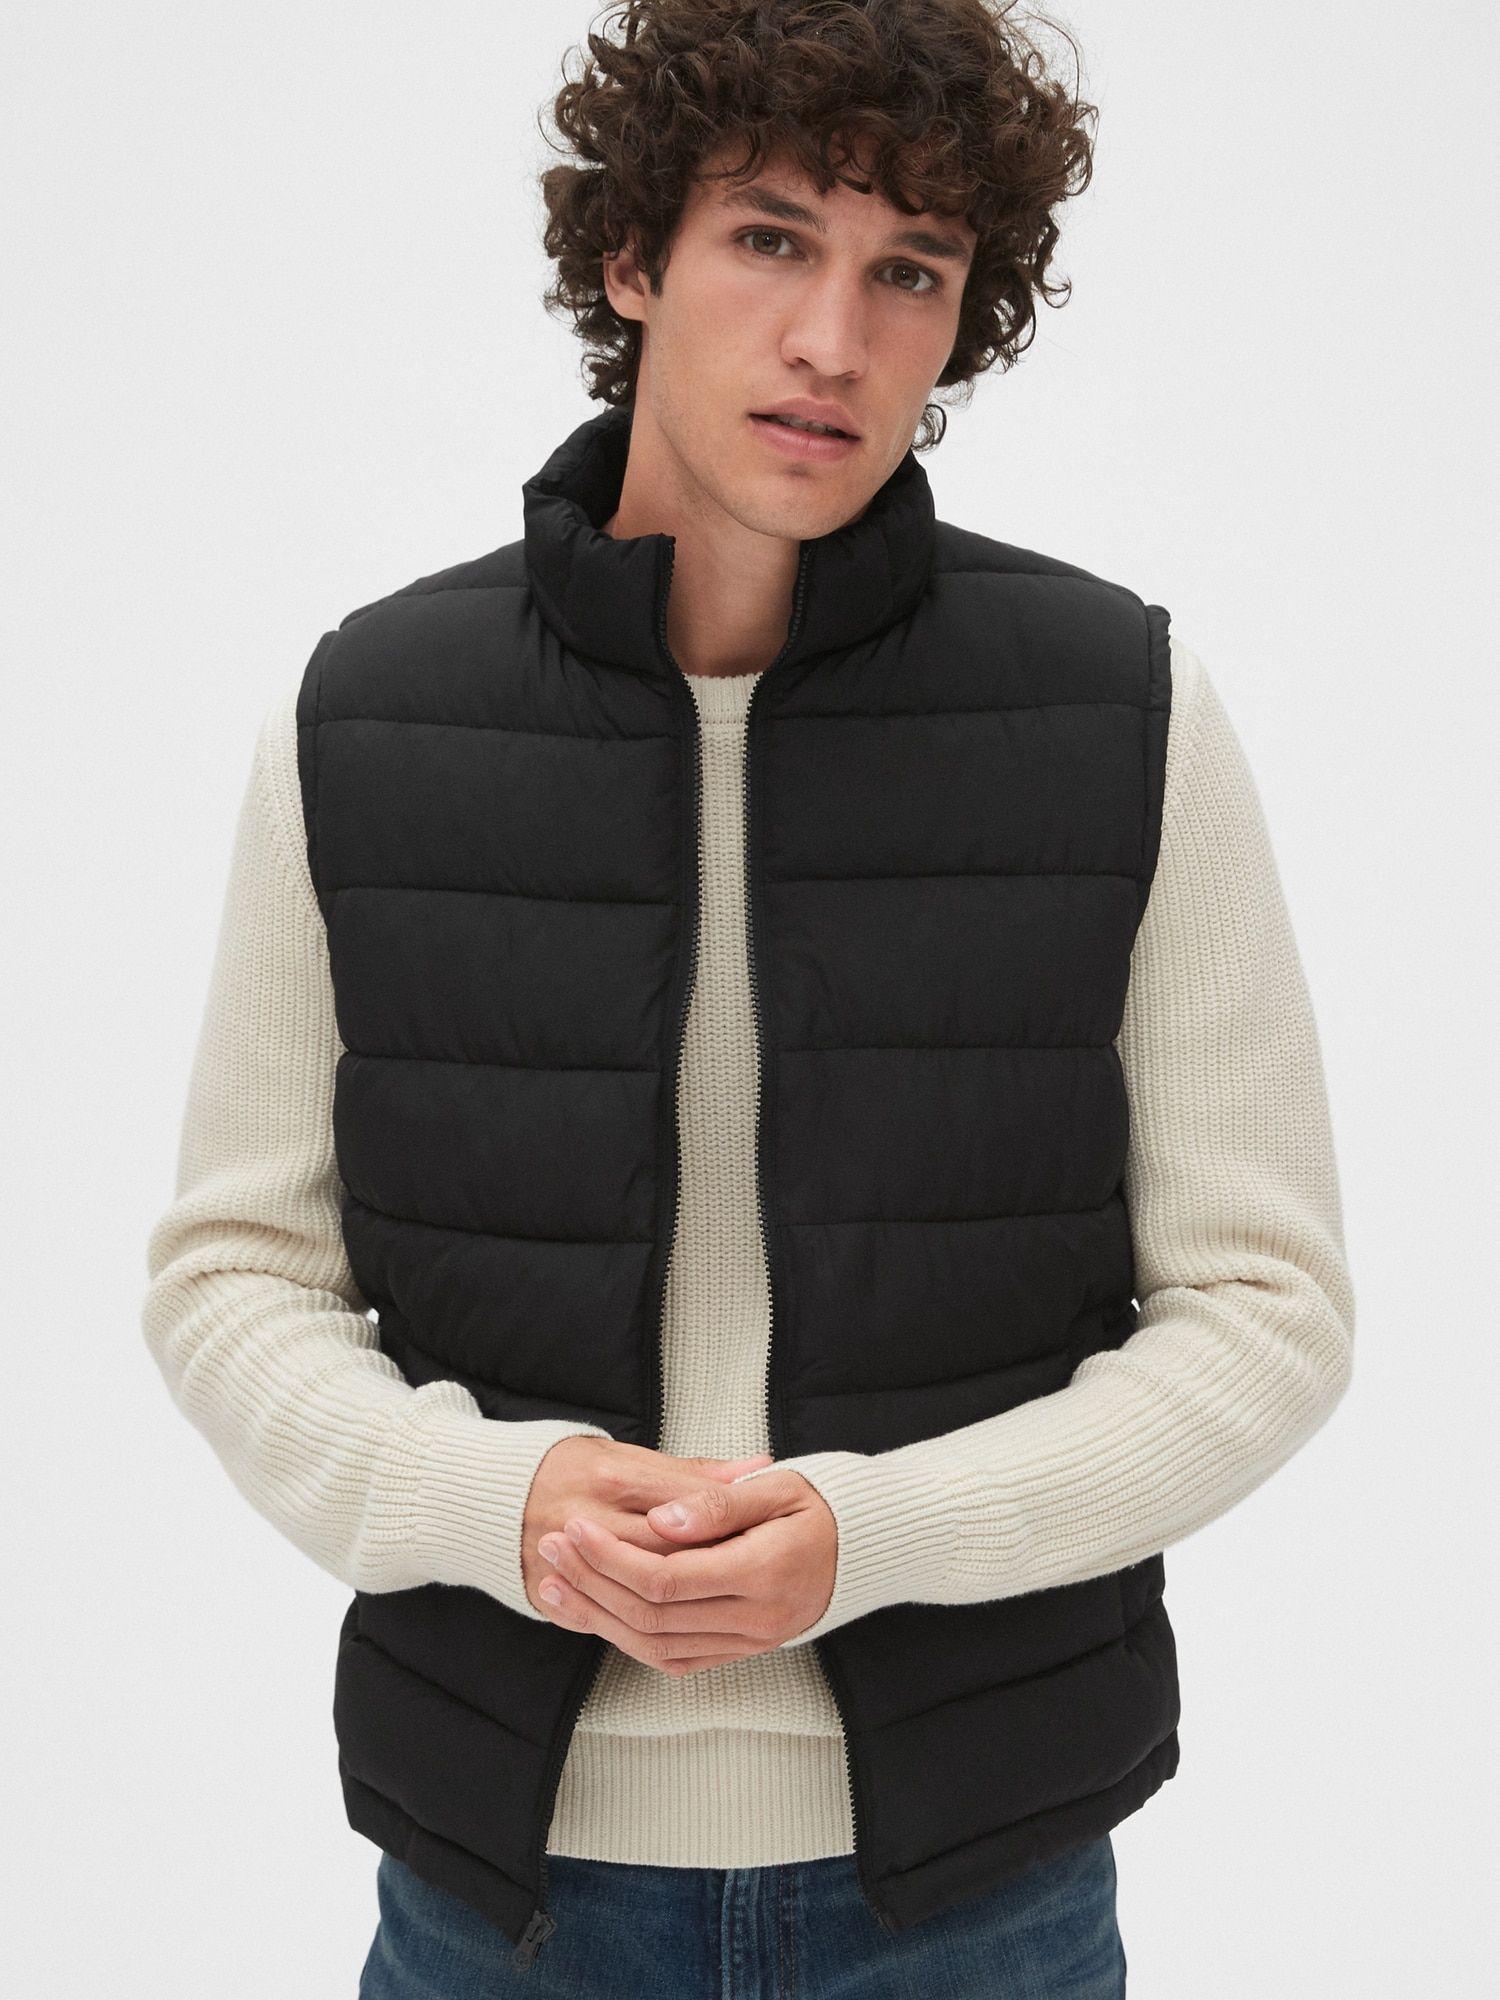 Coldcontrol Puffer Vest Gap Men S Coats And Jackets Puffer Jacket Outfit Men Puffer Jacket Outfit [ 2000 x 1500 Pixel ]